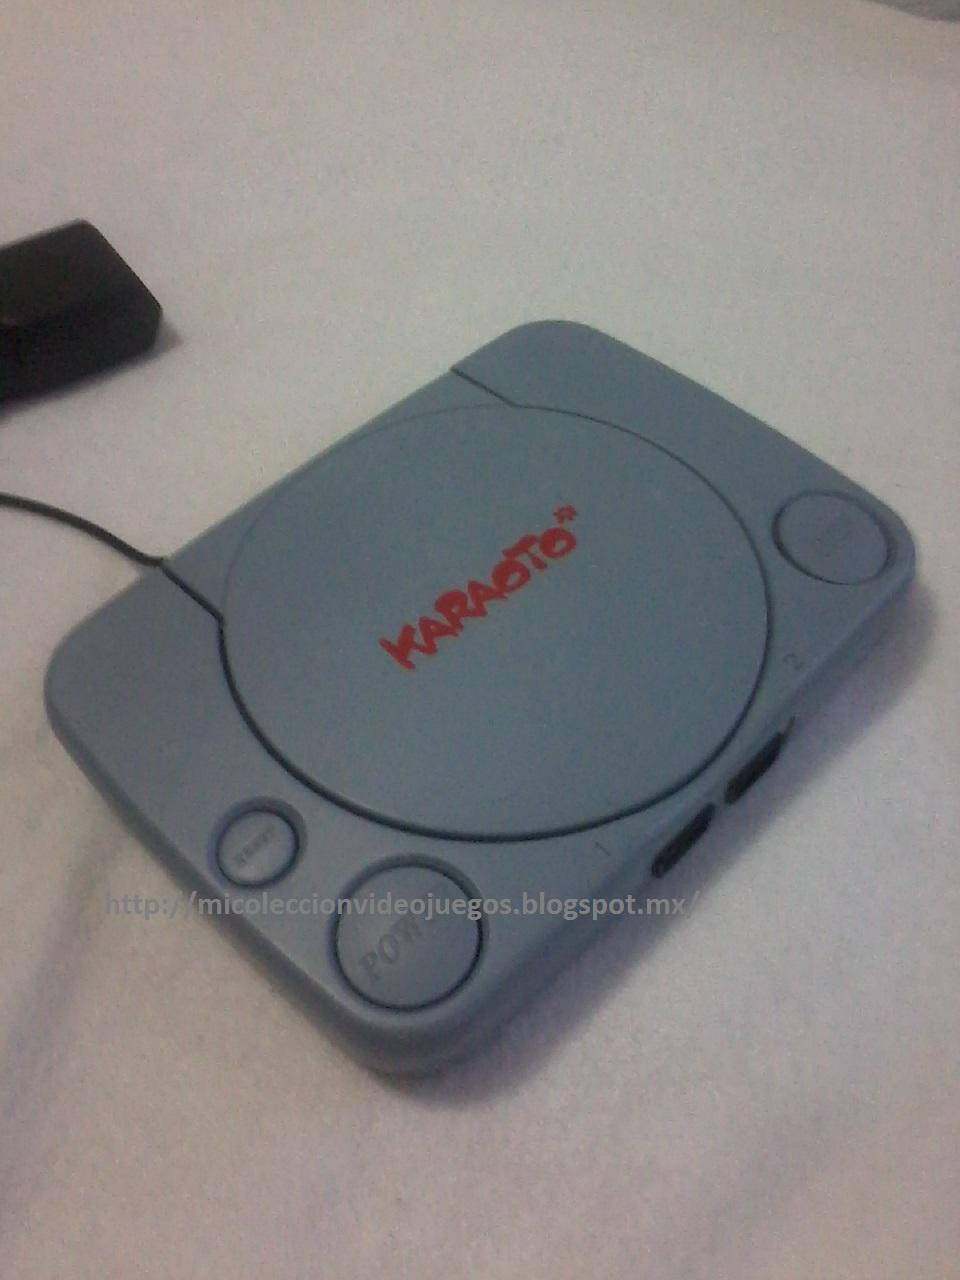 consola de videojuegos tecnobits